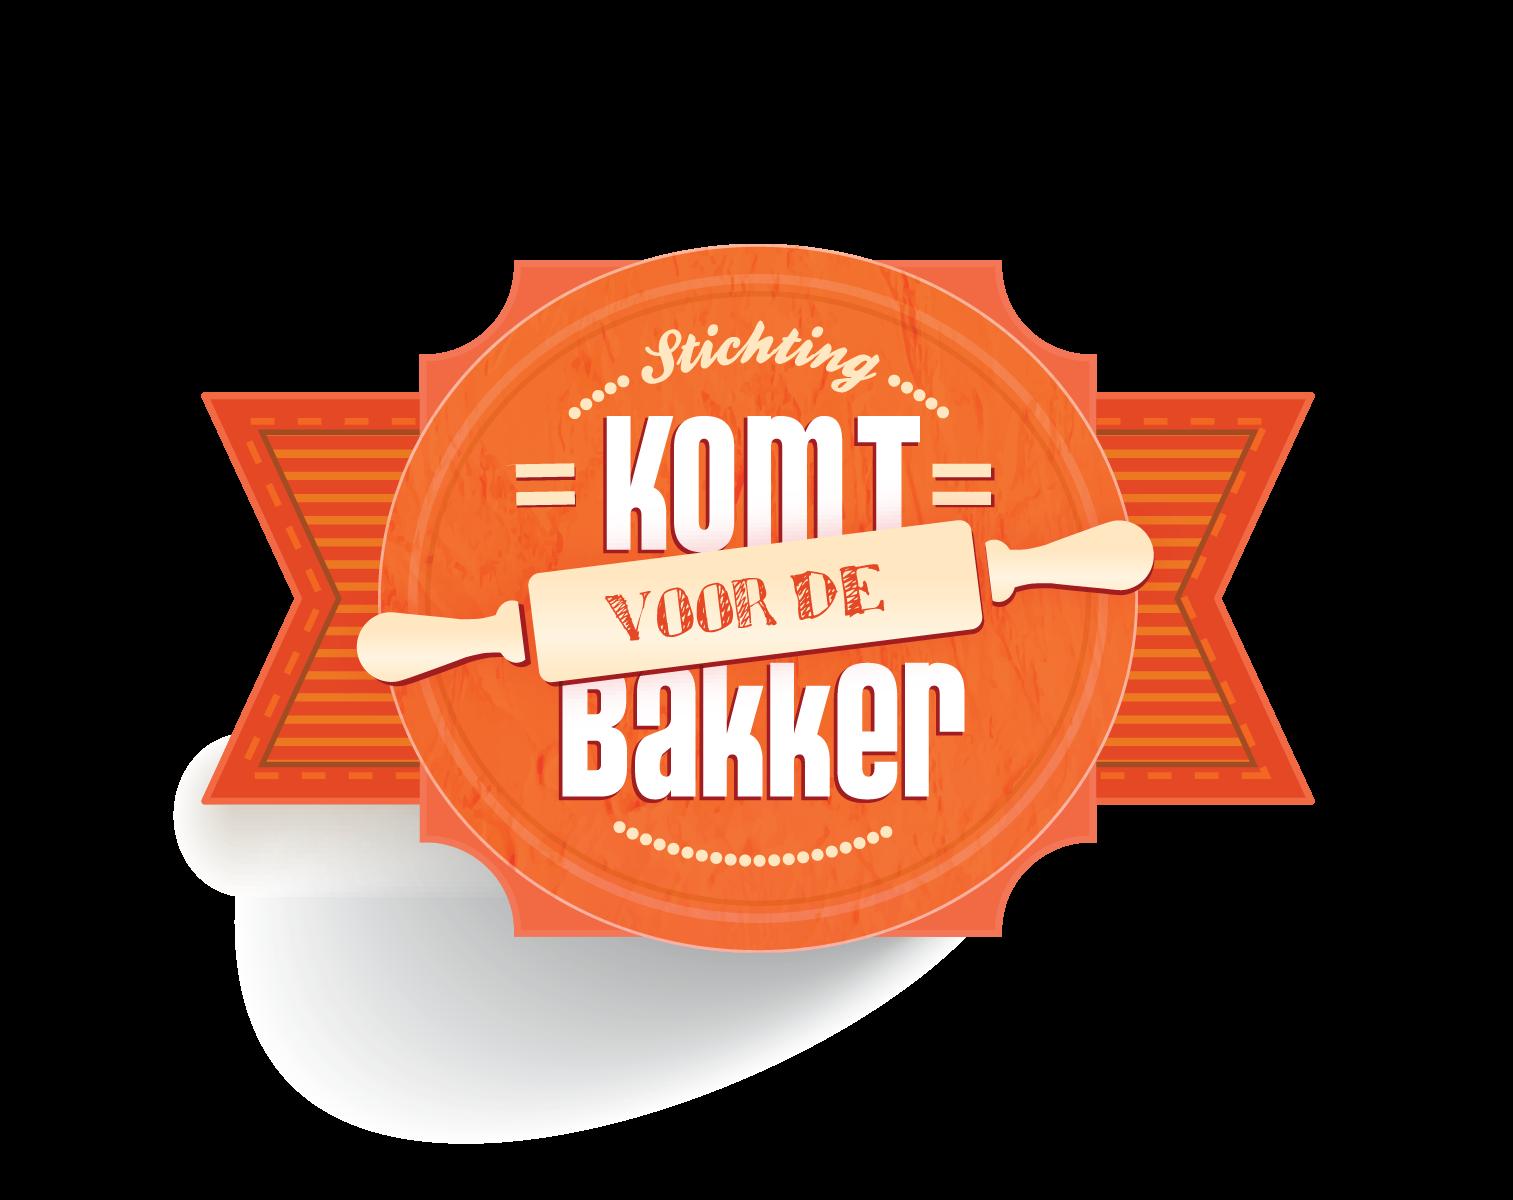 logo komt voor de bakker